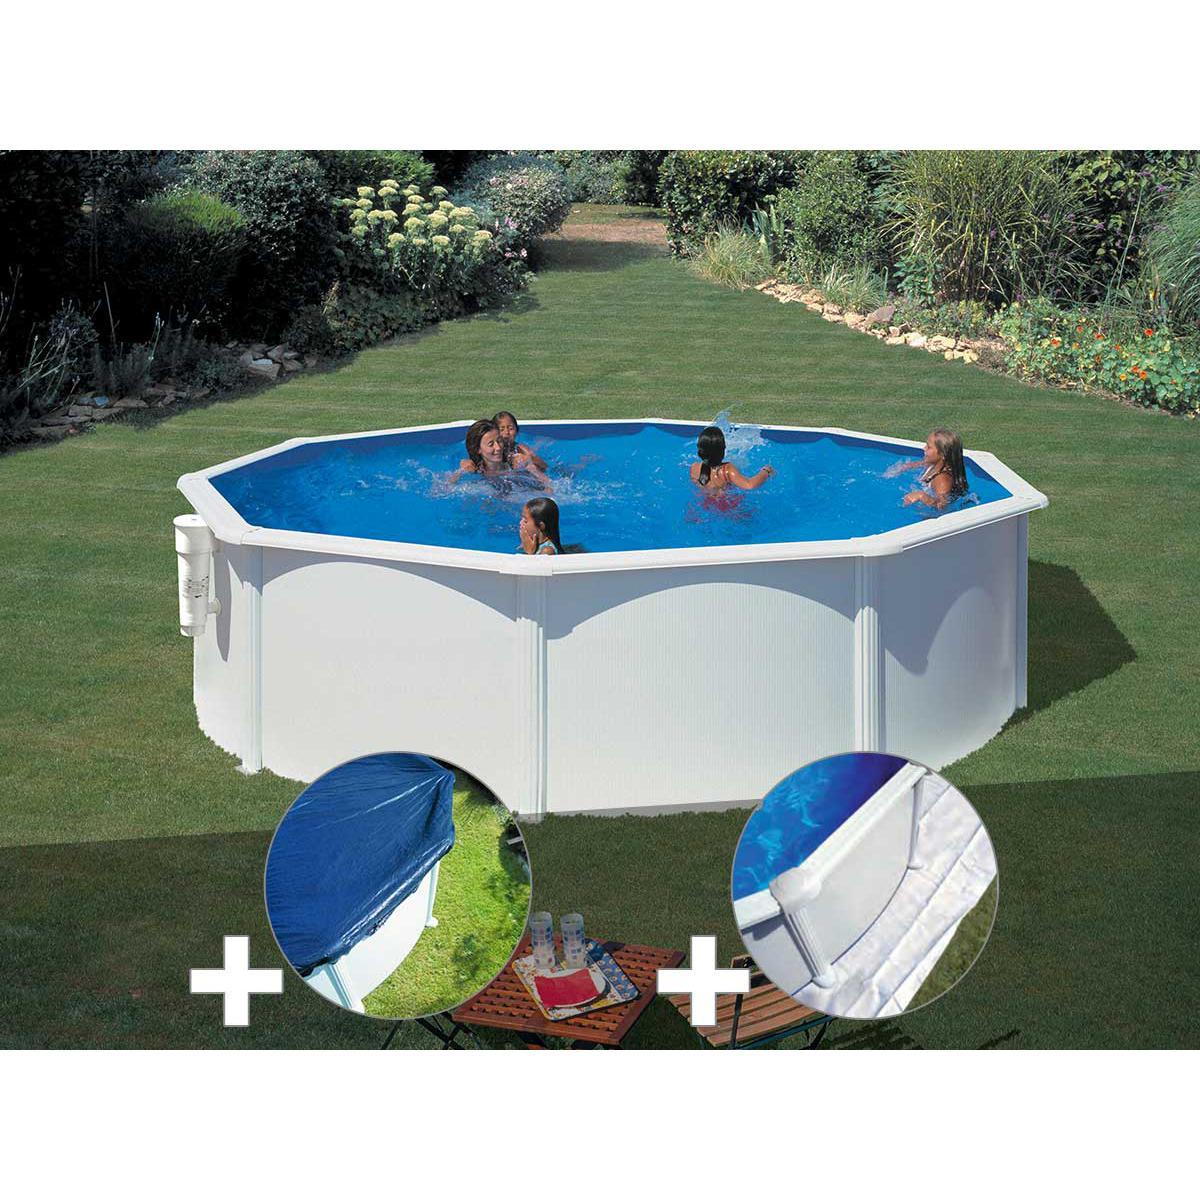 Gre Kit piscine acier blanc Gré Bora Bora ronde 3,70 x 1,22 m + Bâche hiver + Tapis de sol